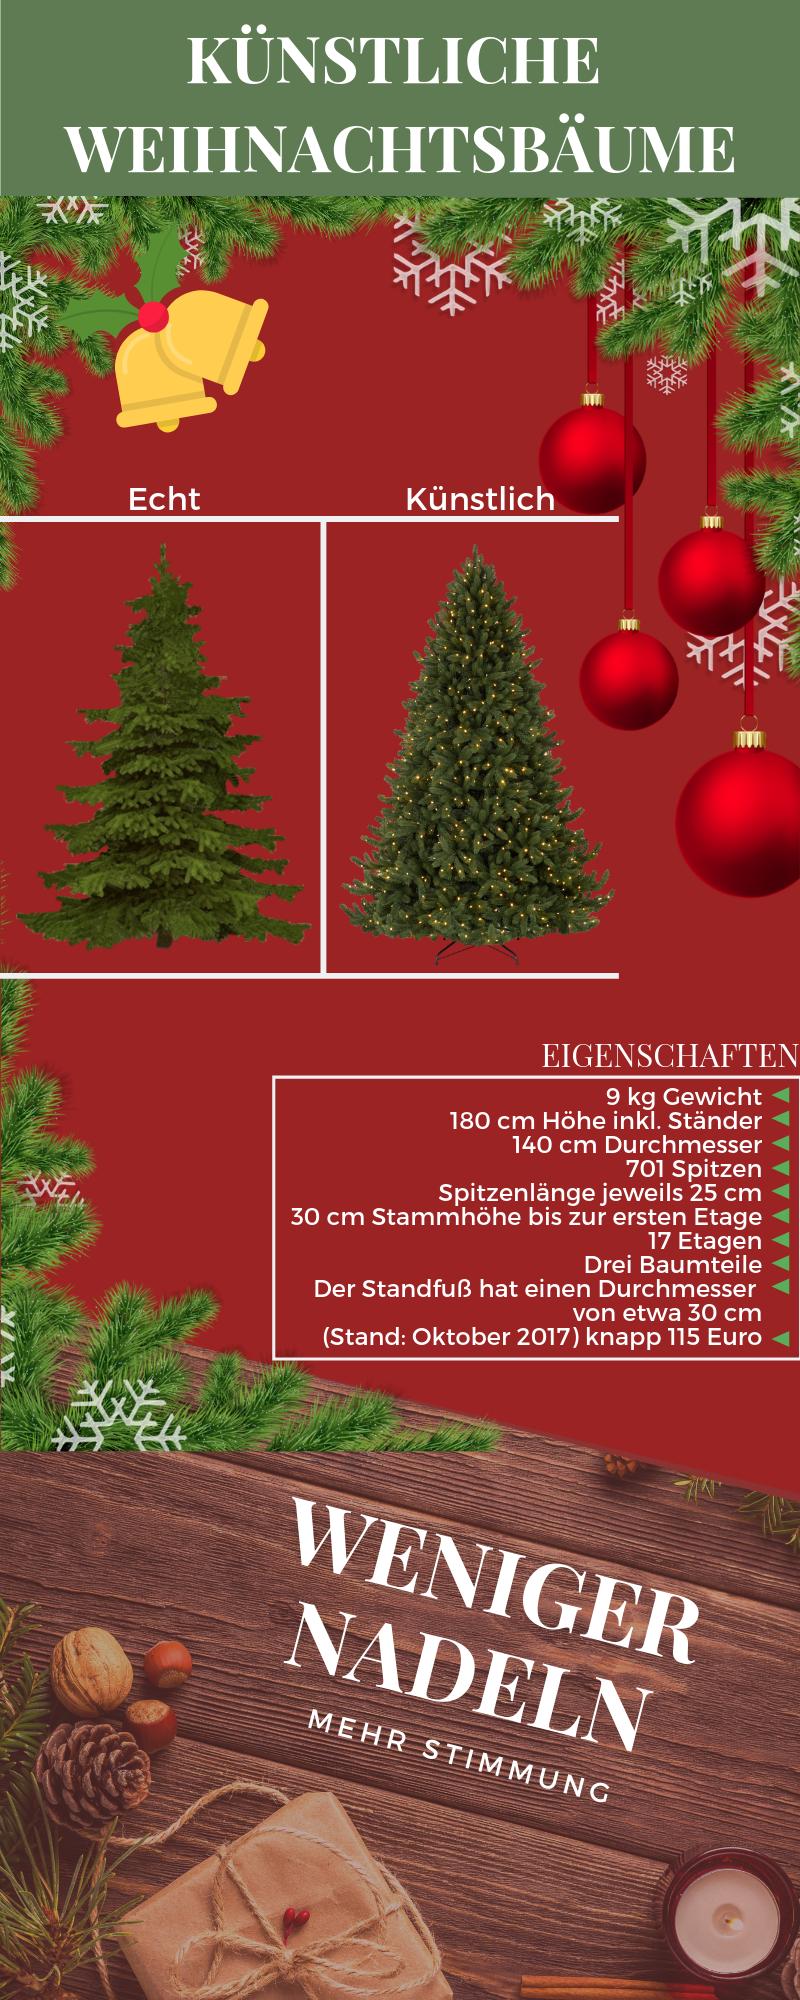 ᐅ Künstlicher Weihnachtsbaum Test 2018 ⇒ Ratgeber & Kaufberatung